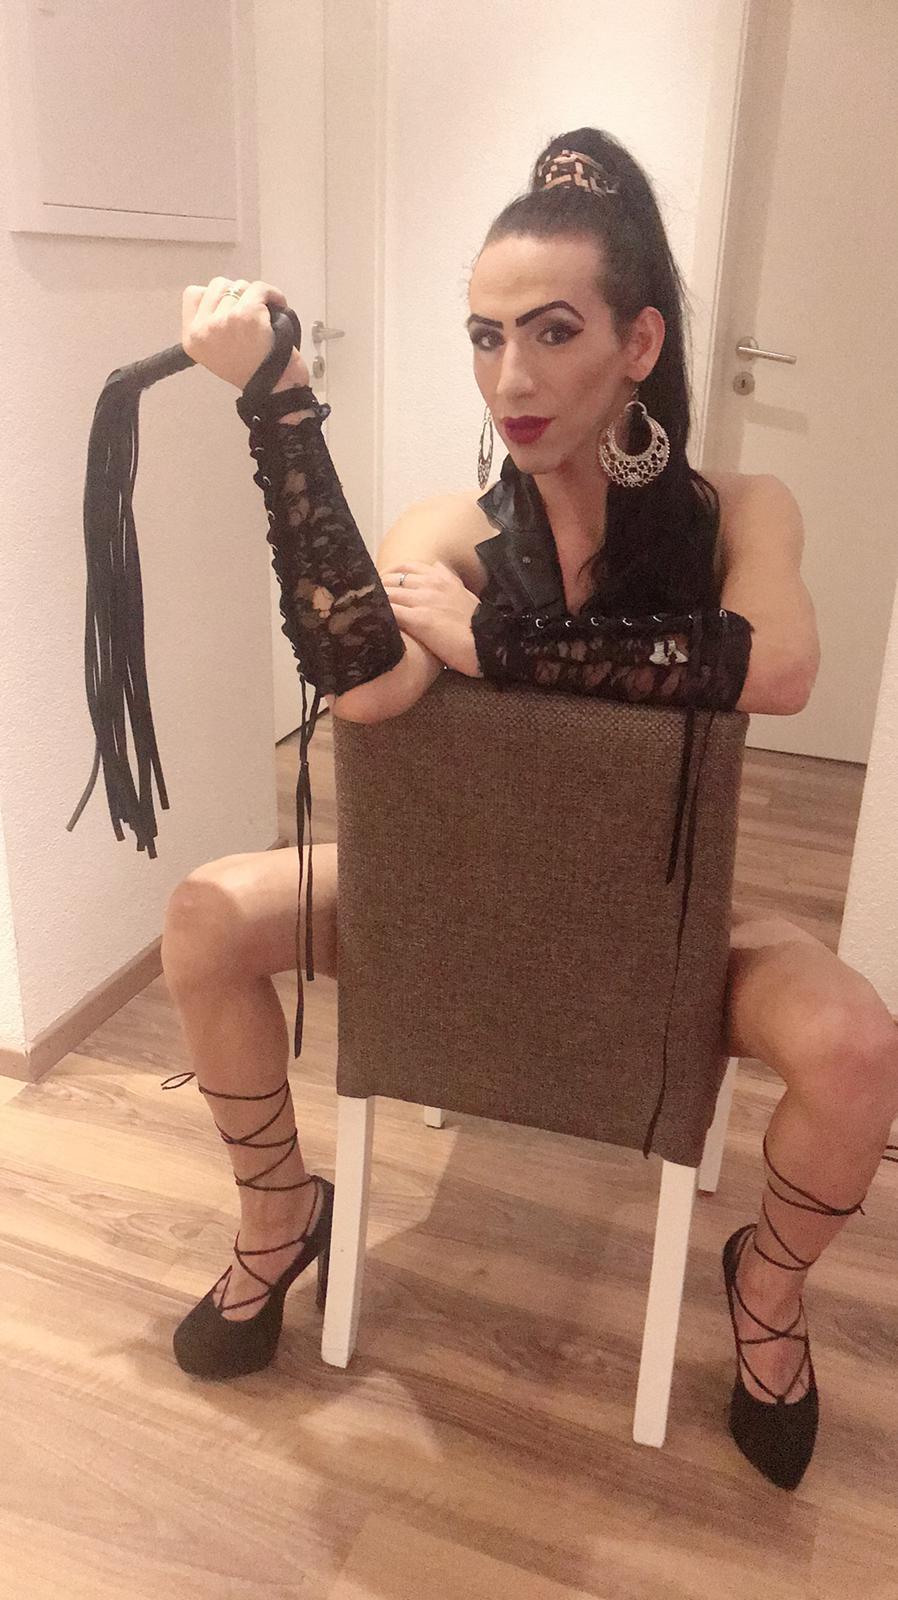 Vorschaubild von TS Transe Antonia Shemale in Köln bei Transgirls.de